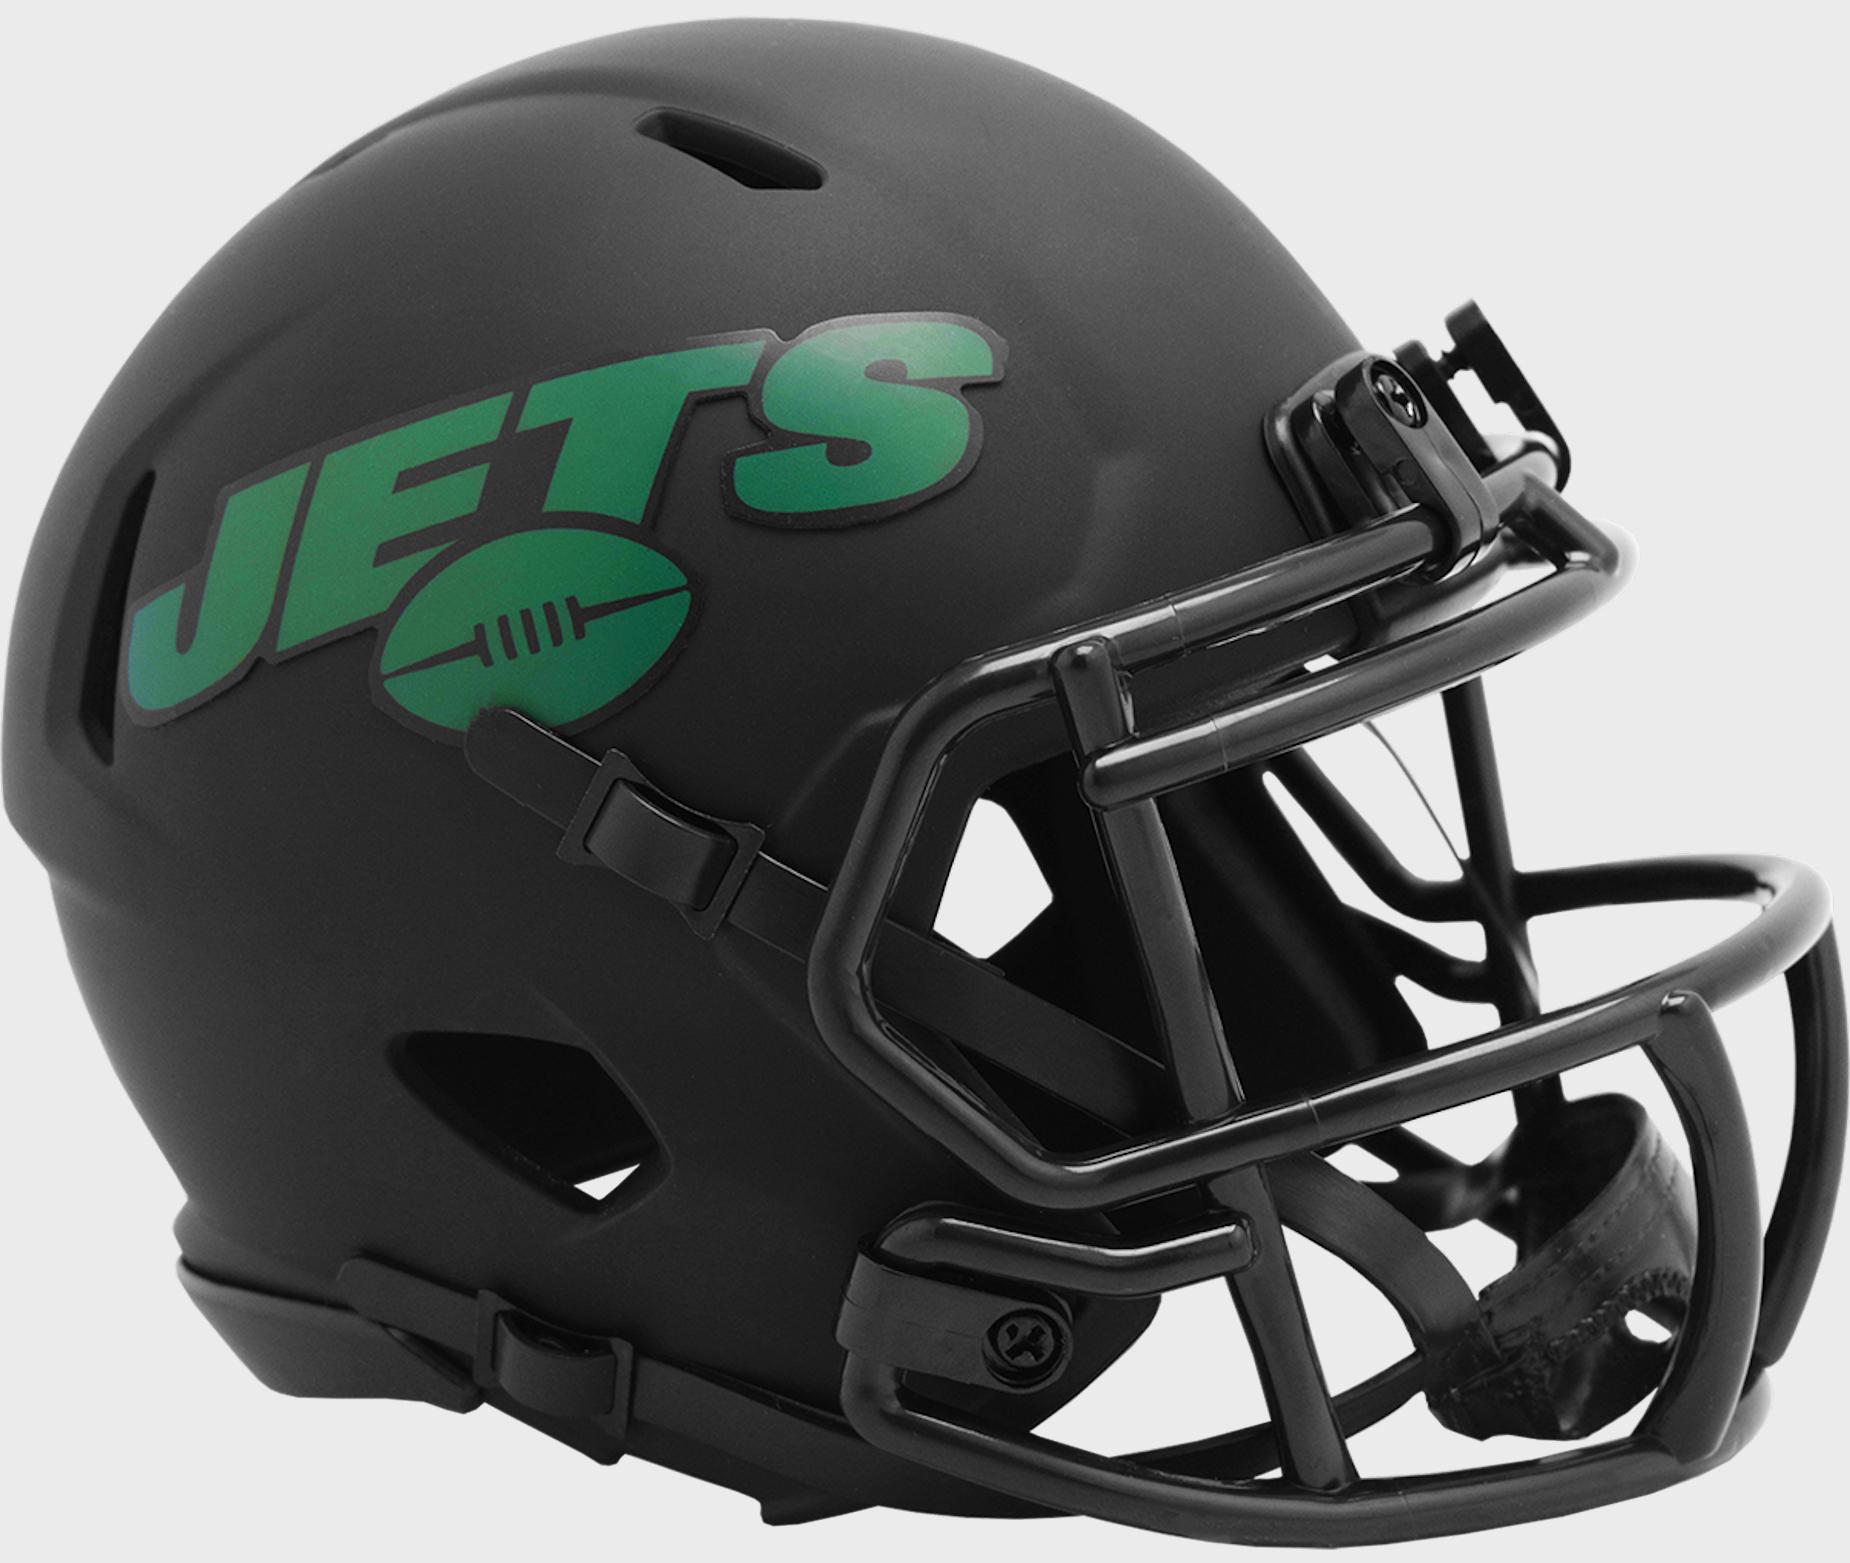 New York Jets NFL Mini Speed Football Helmet <B>ECLIPSE</B>